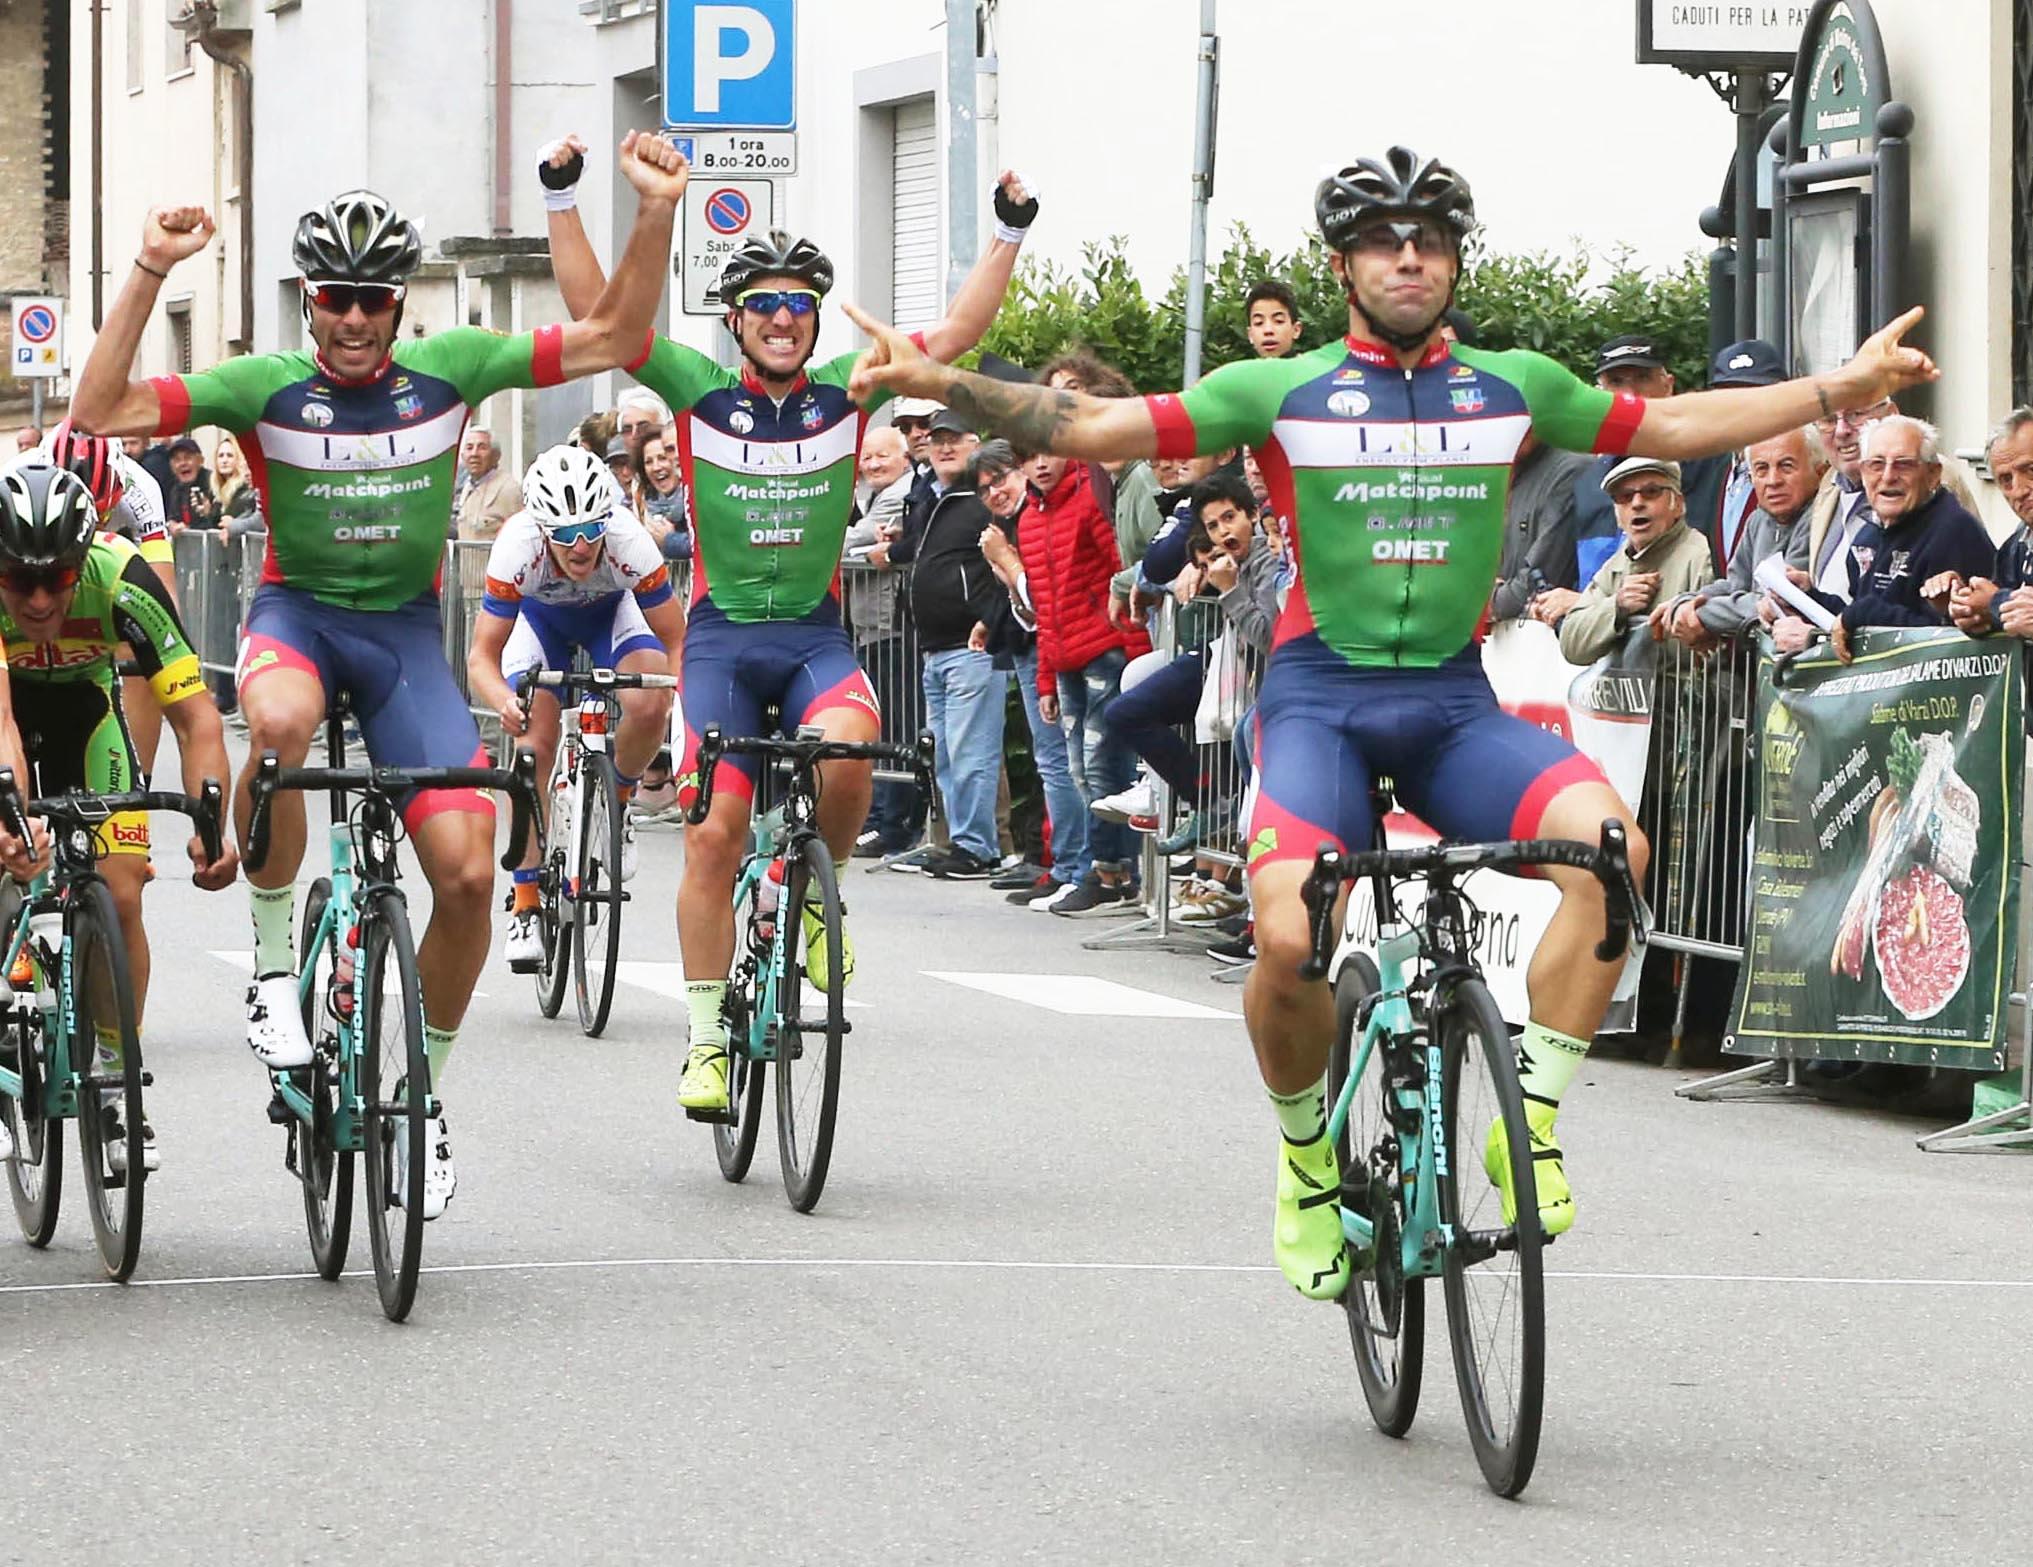 La vittoria di Gianmarco Begnoni a Molino dei Torti